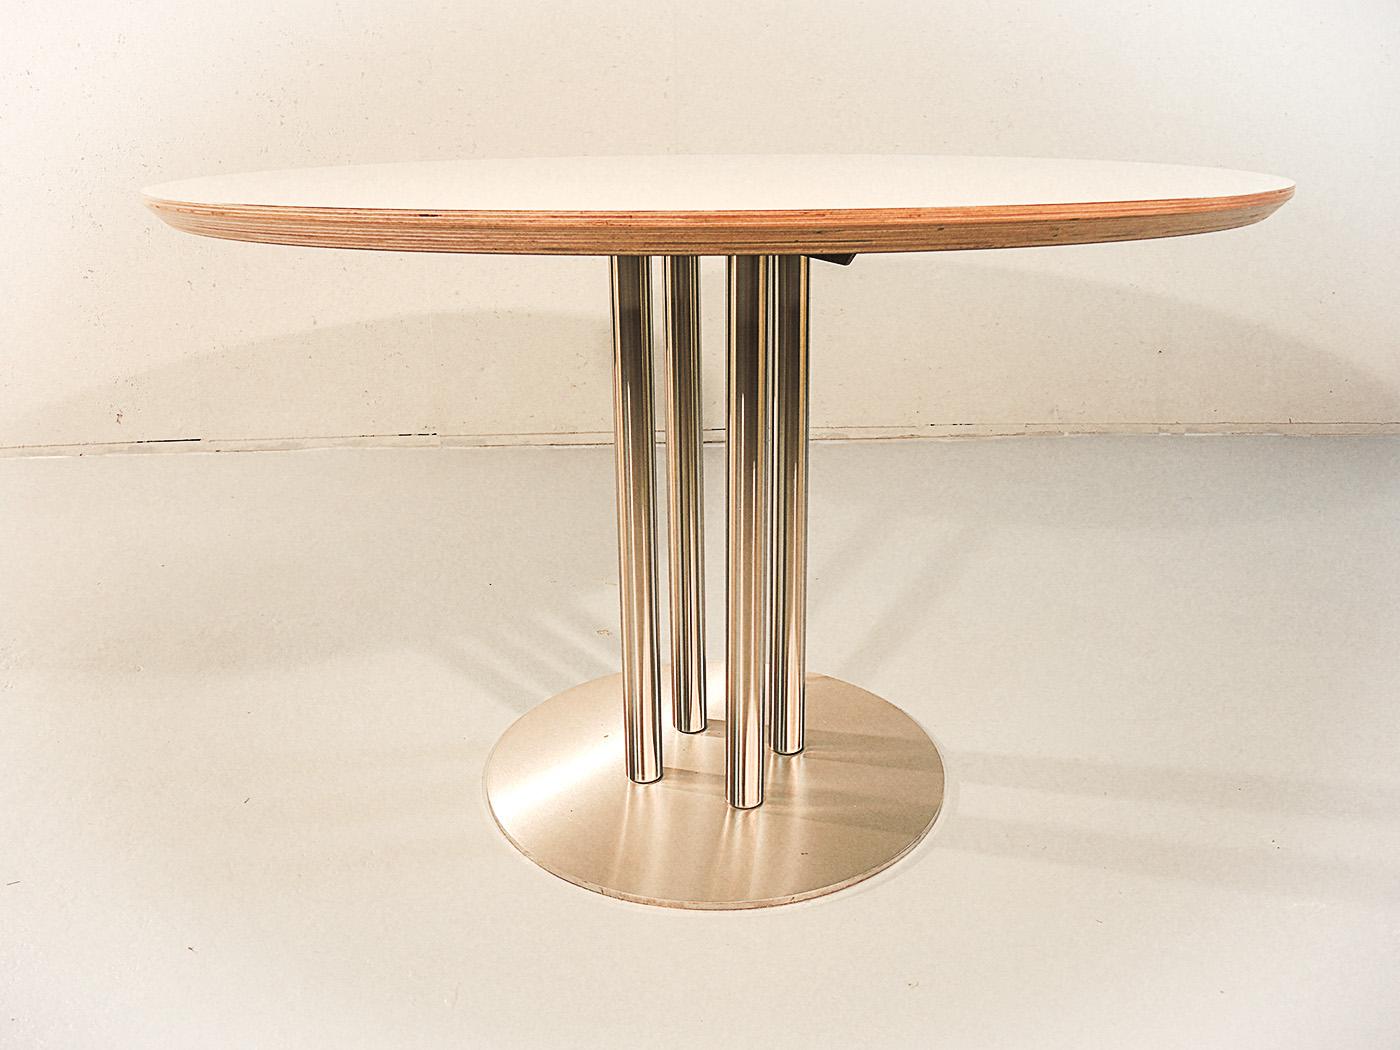 Arrezo - Ronde tafel met wit blad